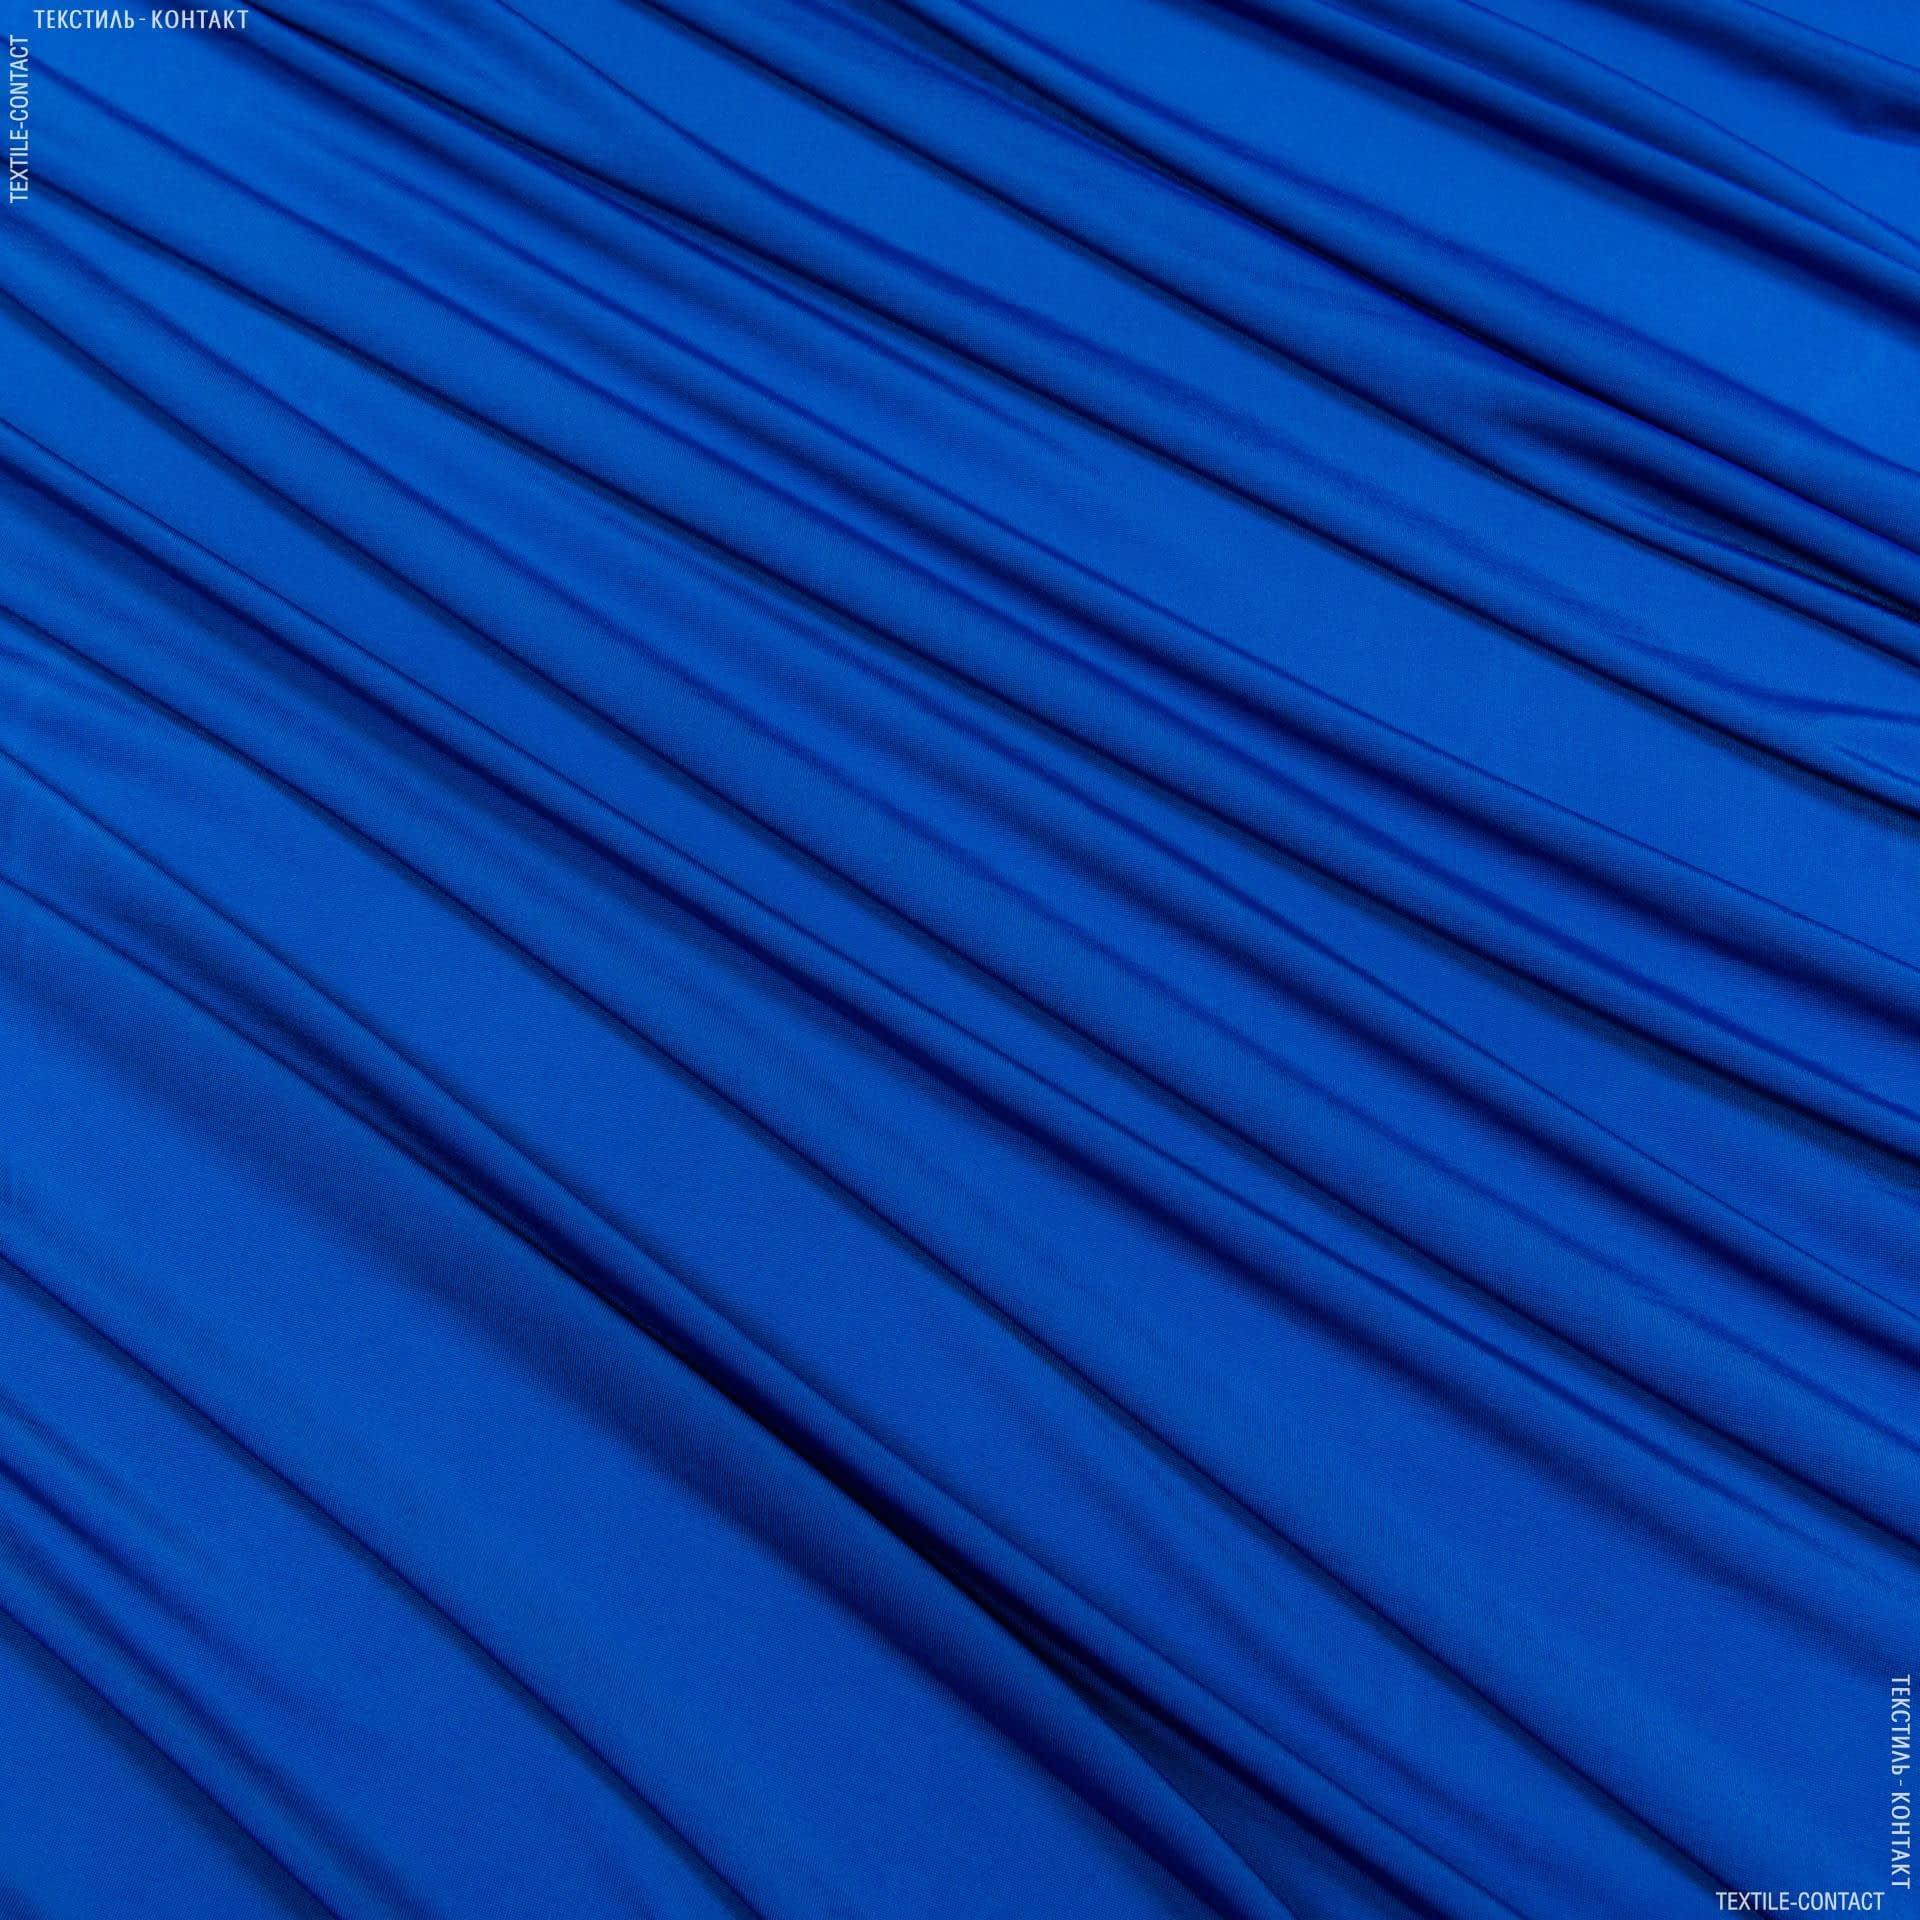 Ткани для платьев - Трикотаж масло васильковый